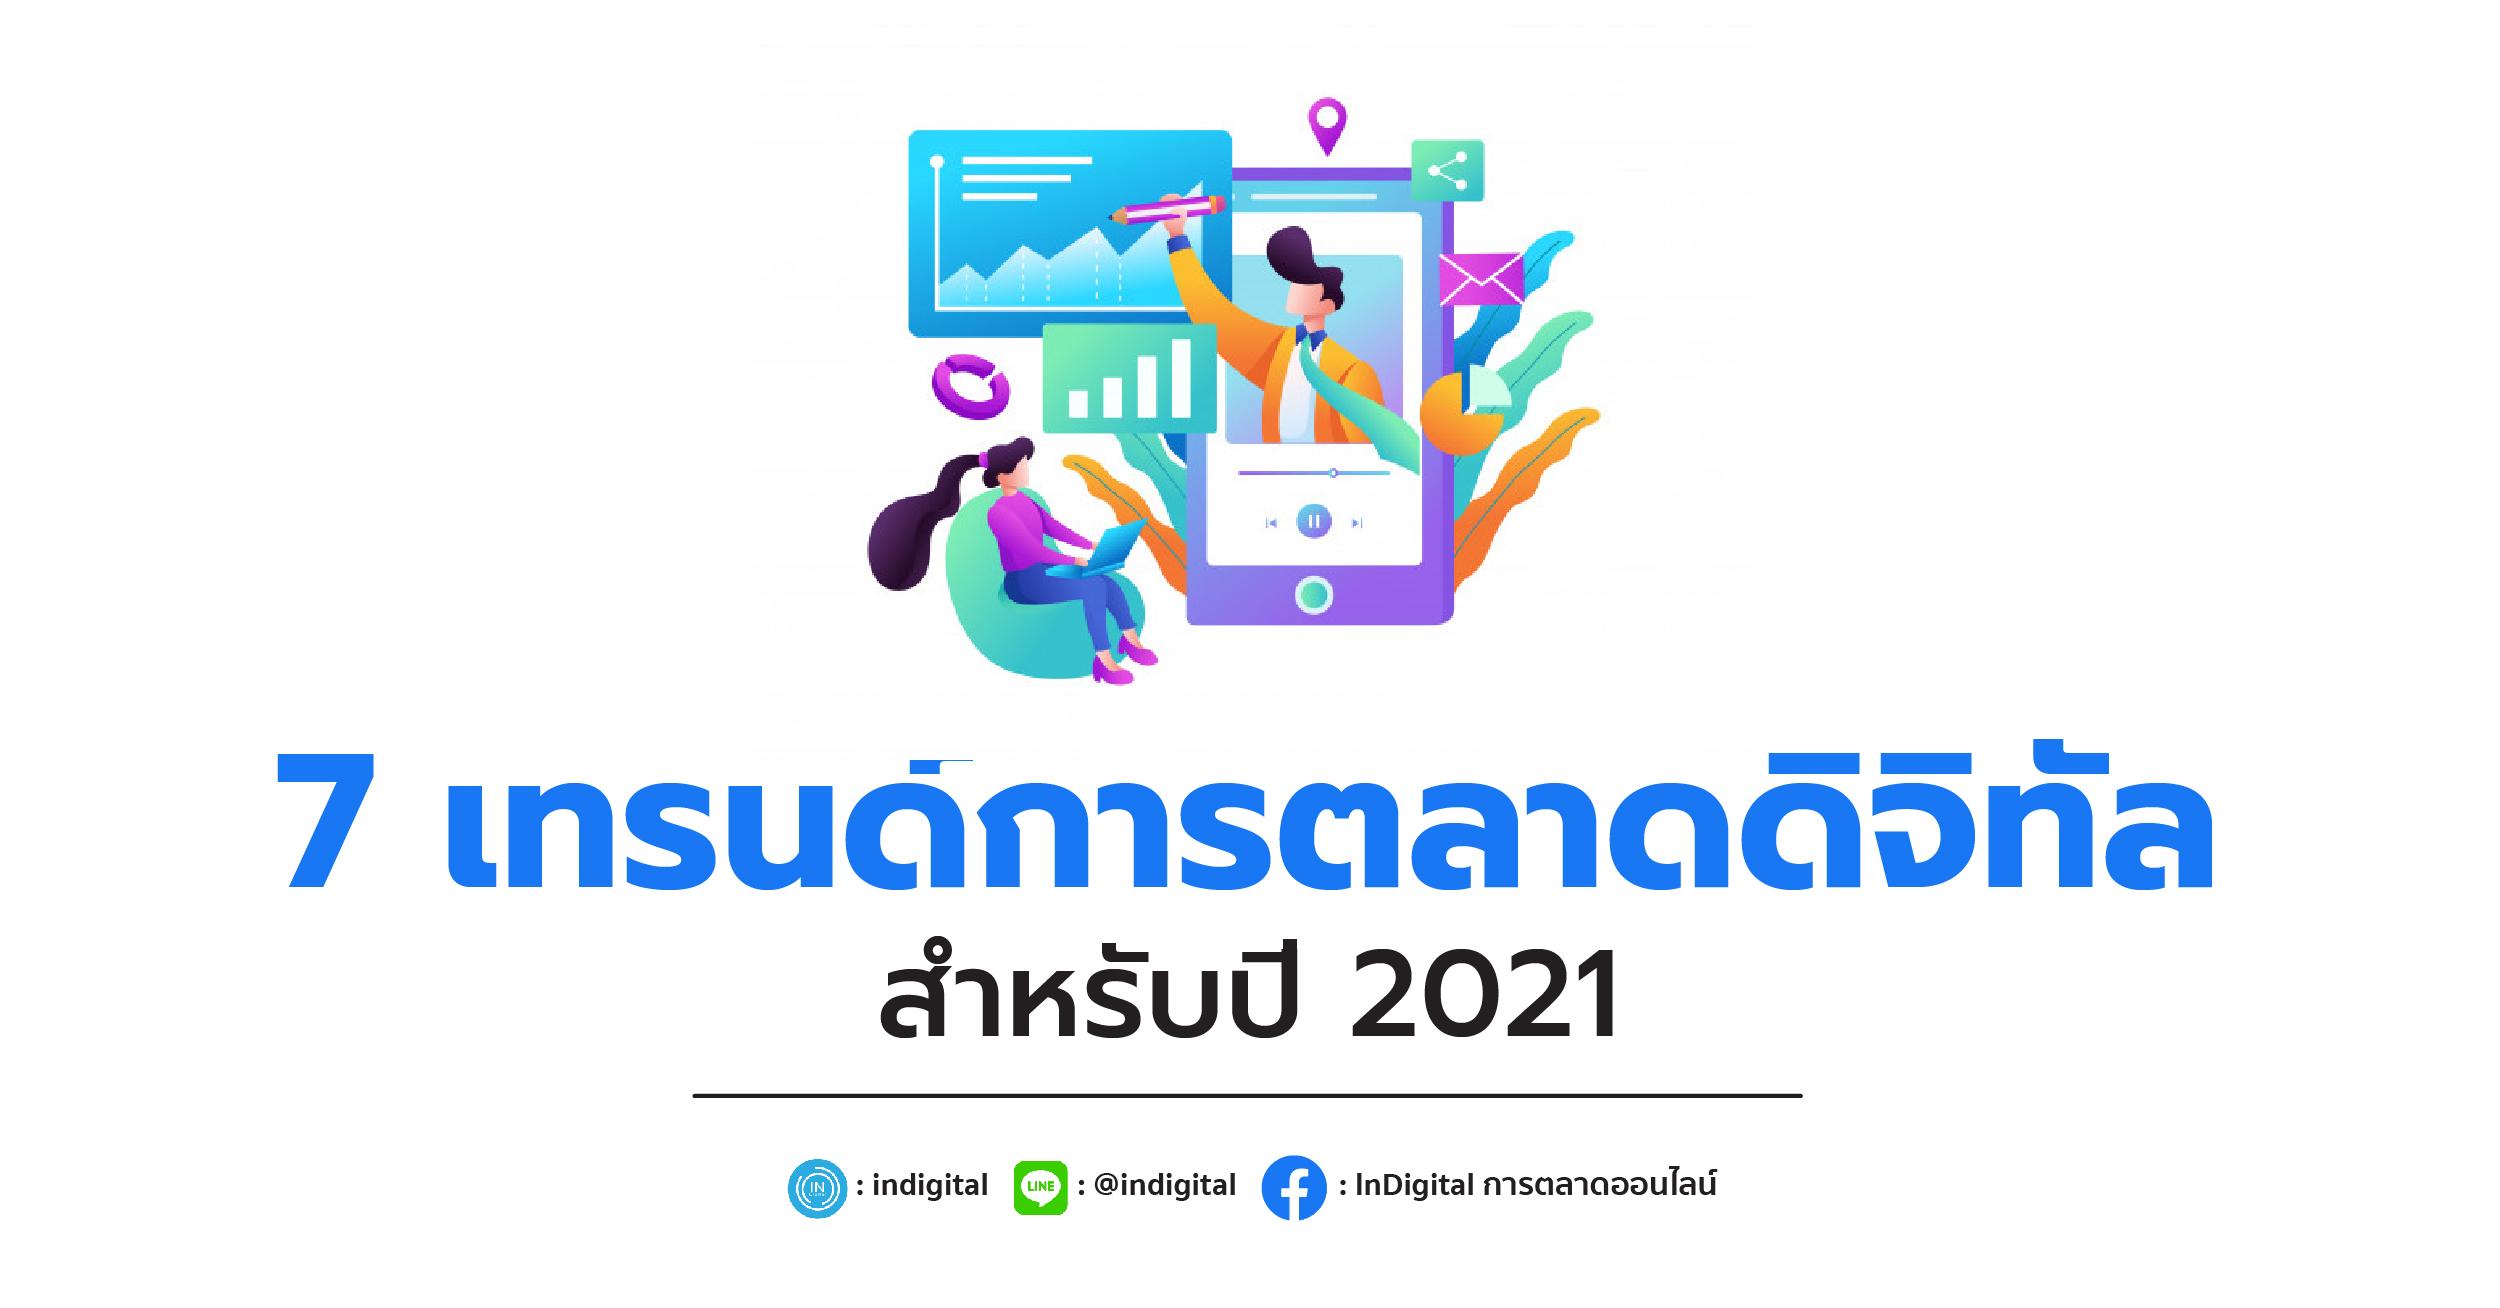 7 เทรนด์การตลาดดิจิทัลสำหรับปี 2021